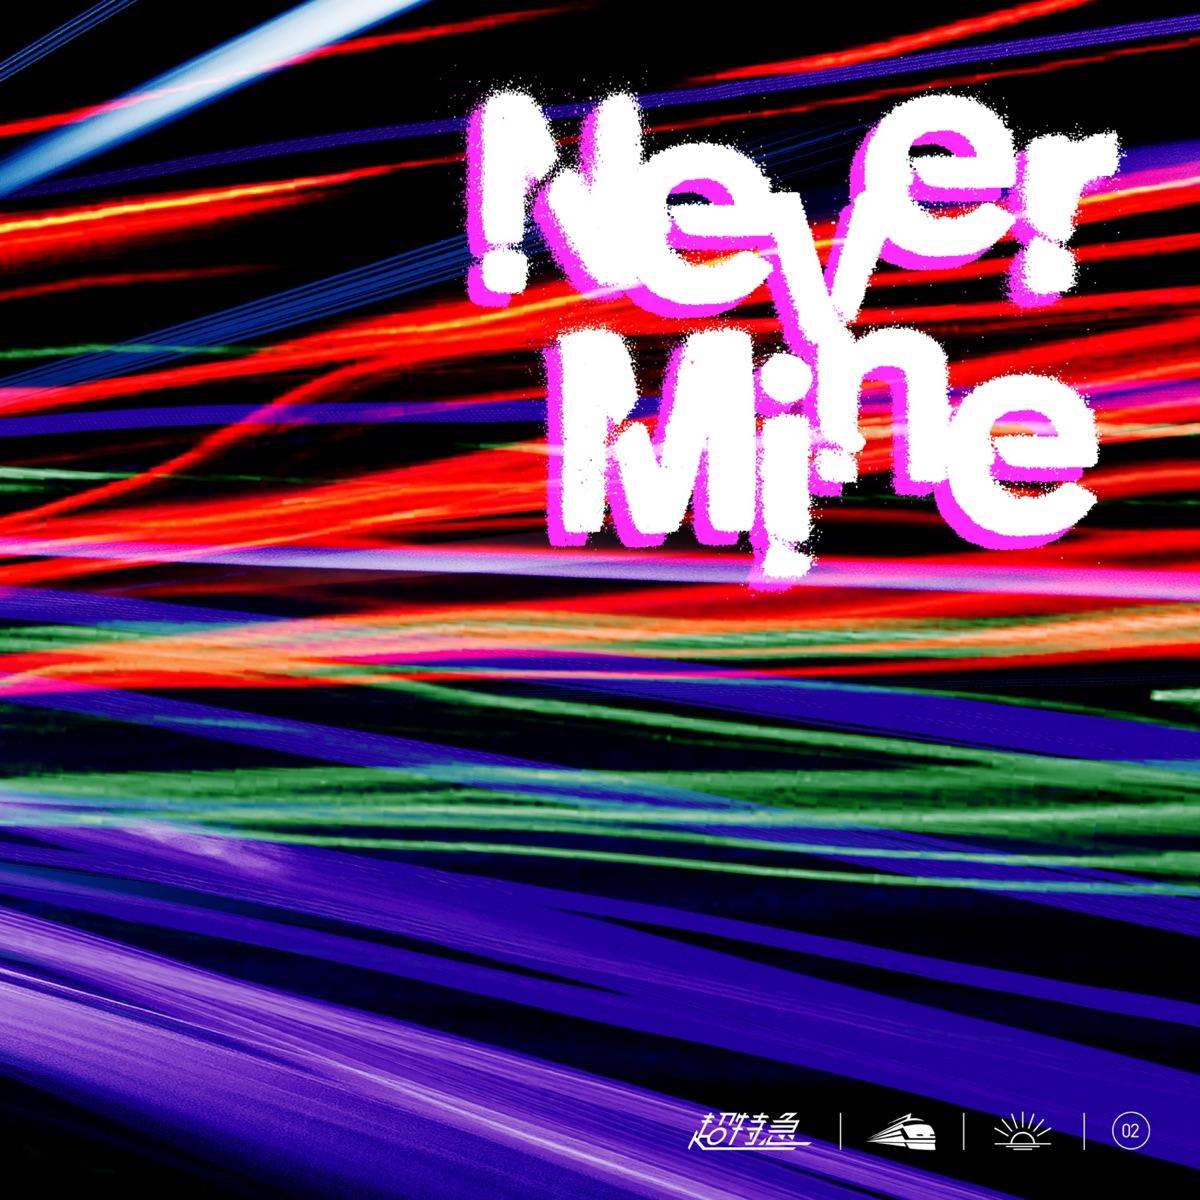 『超特急 - Never Mine』収録の『Never Mine』ジャケット